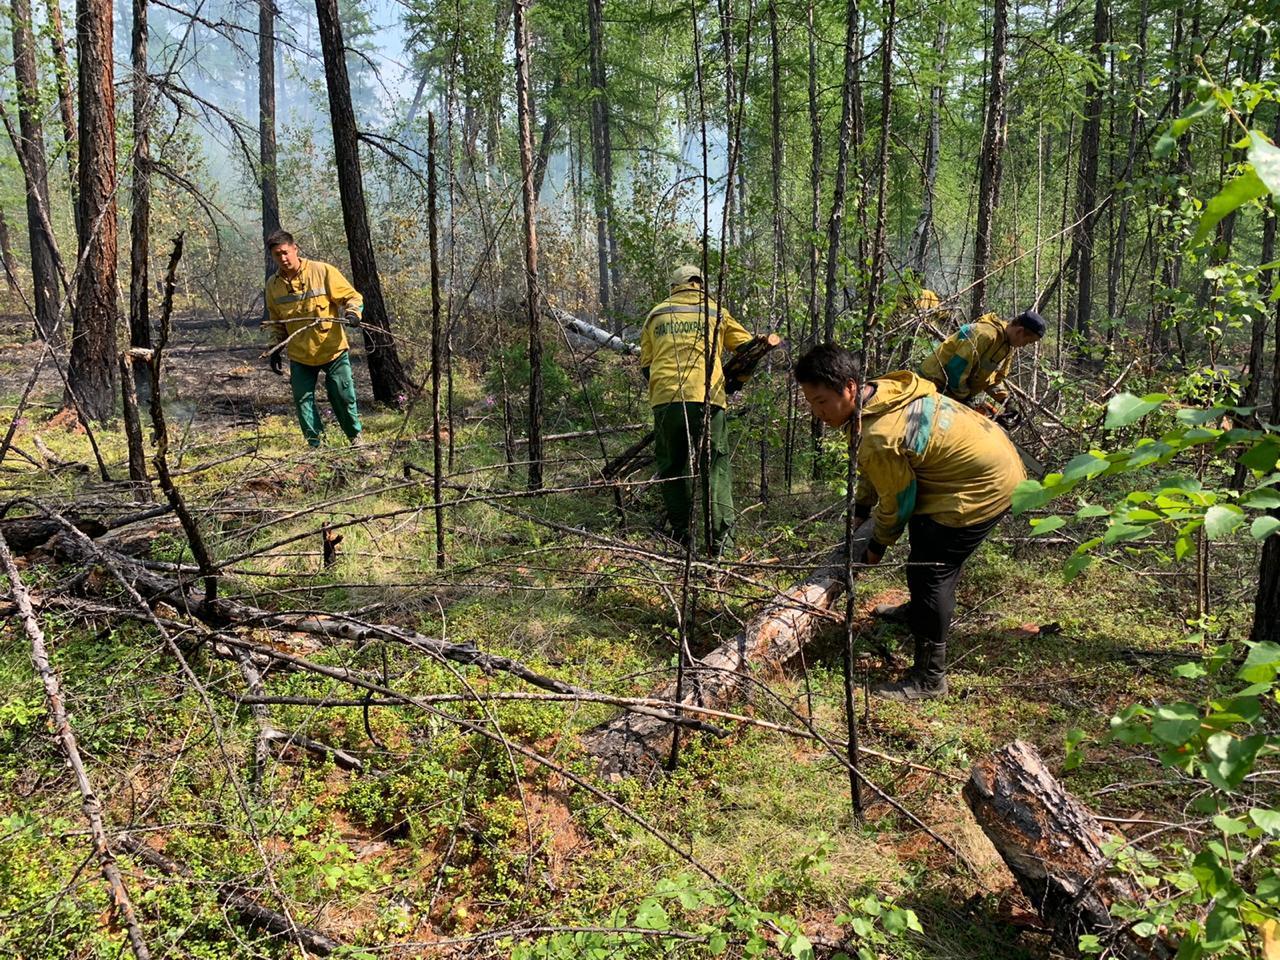 Айсен Николаев: Ни один лесной пожар не зашел на территорию населенного пункта в Якутии